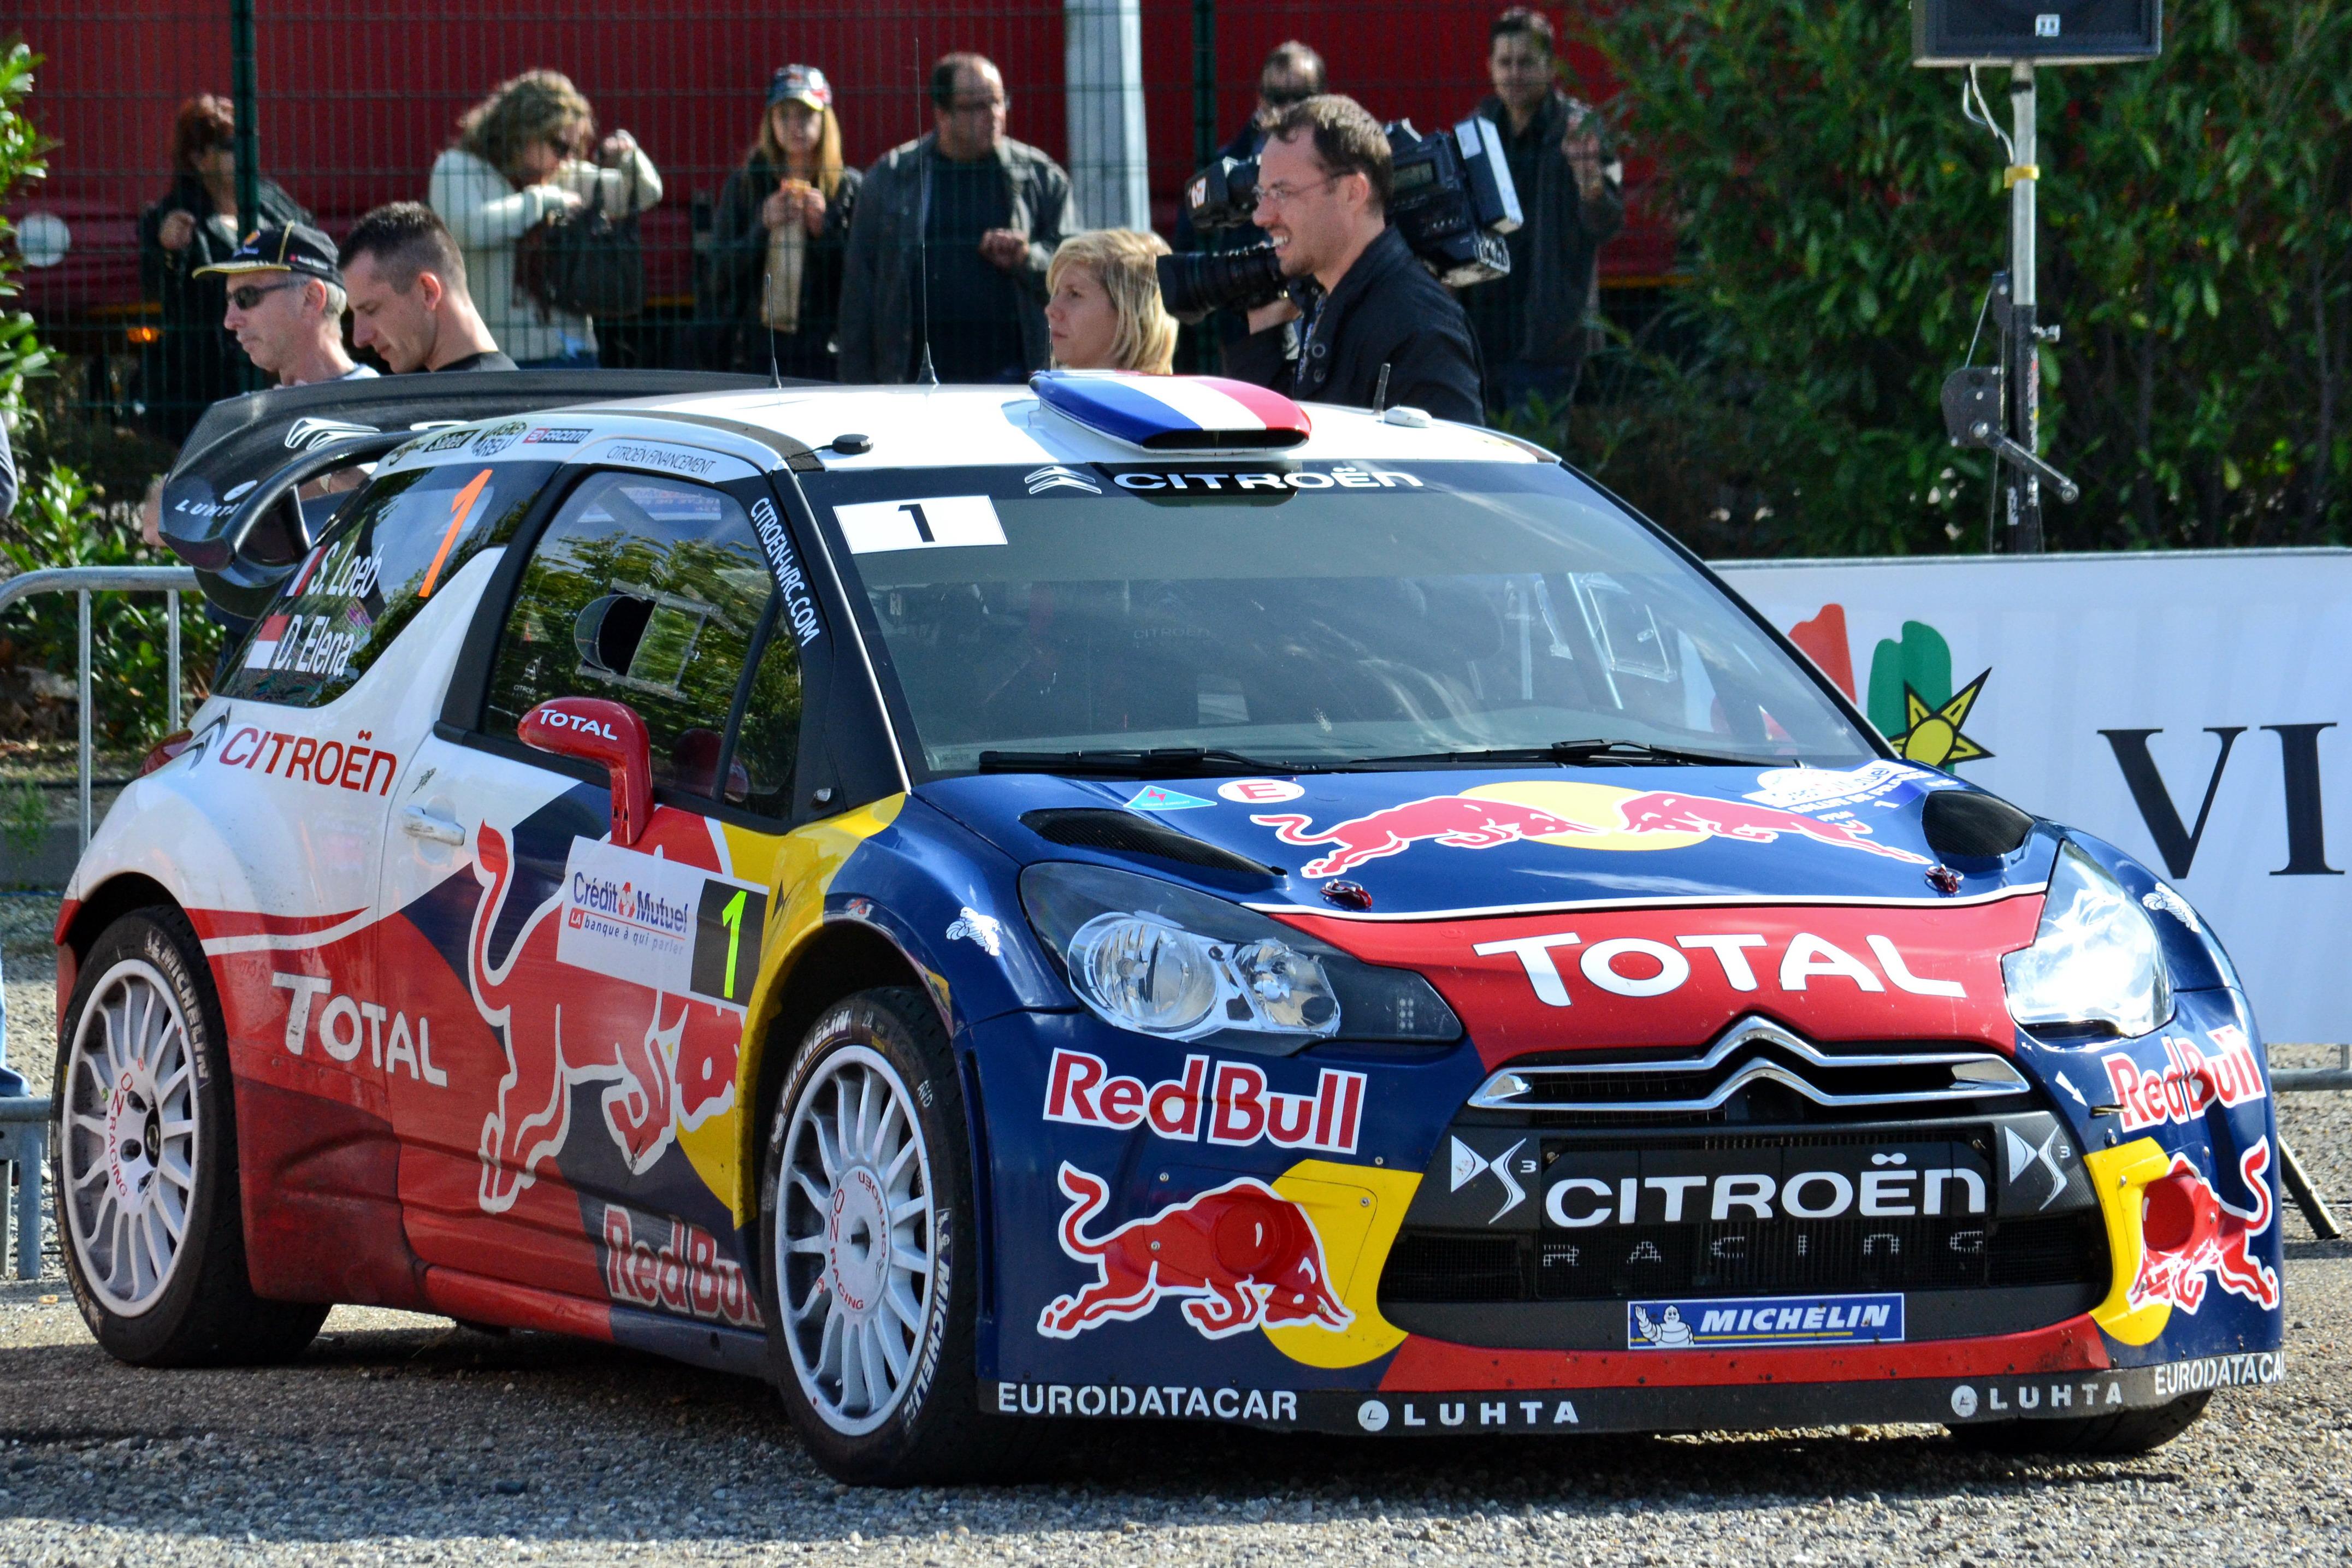 Rallye 59